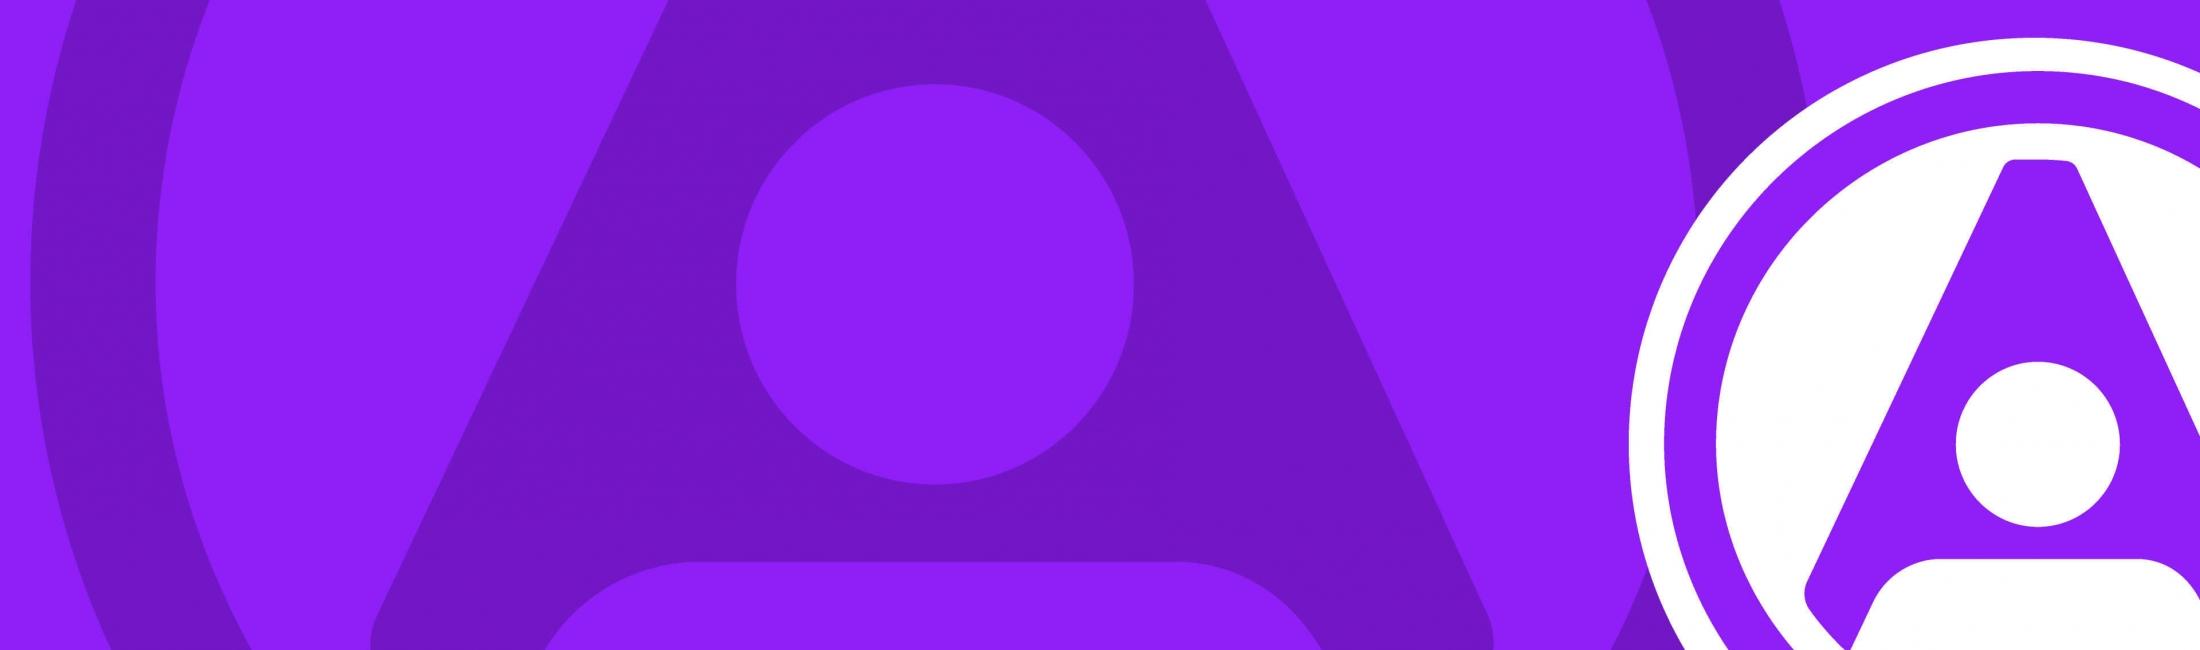 Allocate Software 2